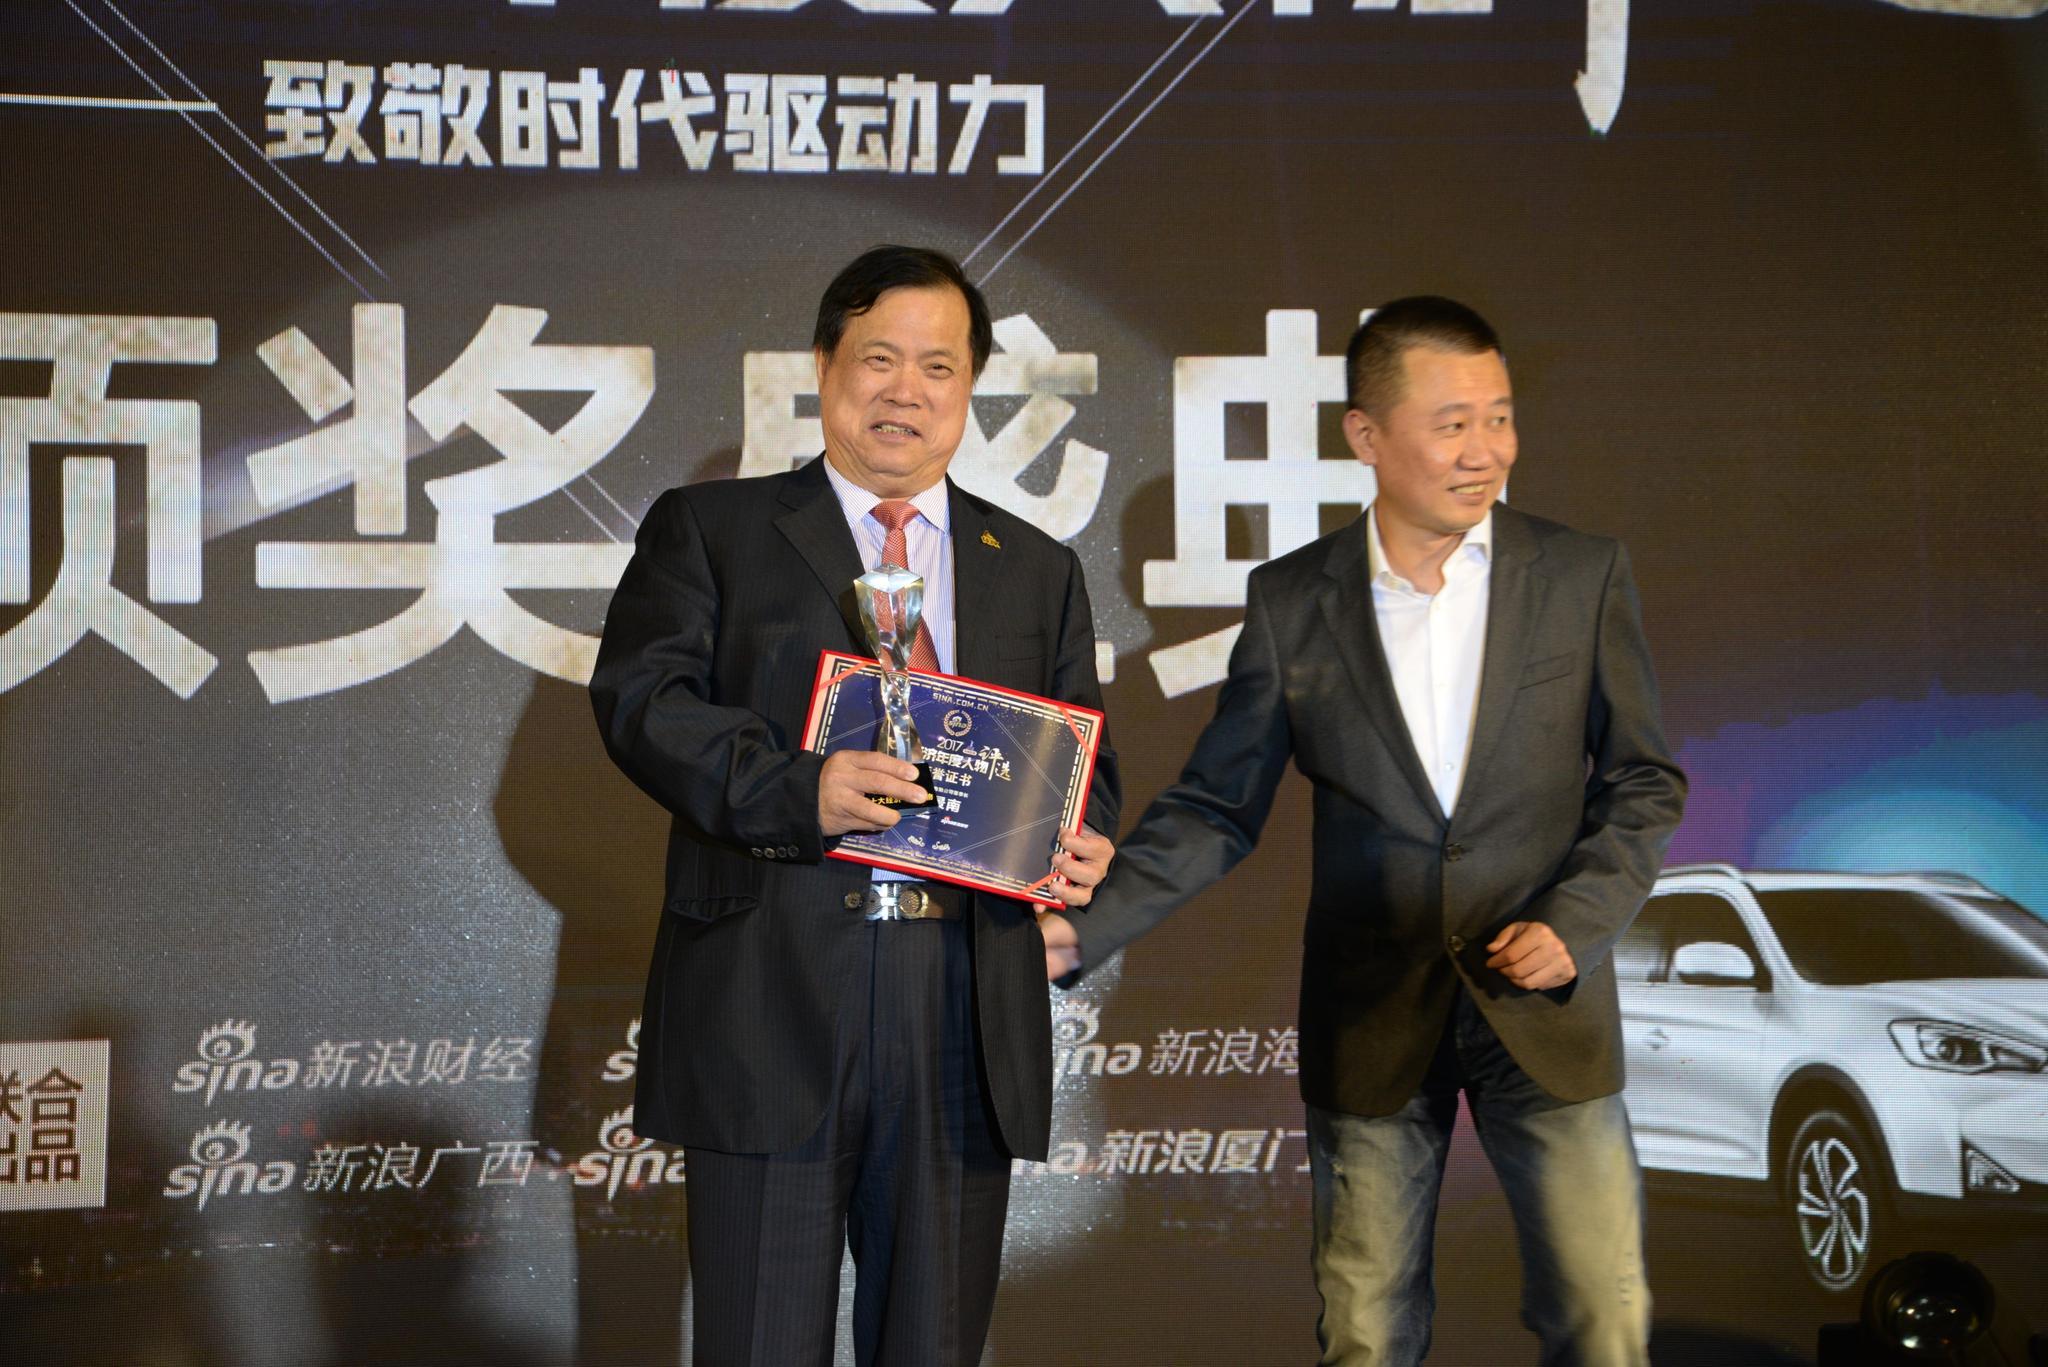 2017年华南区十大经济年度人物许景南获奖